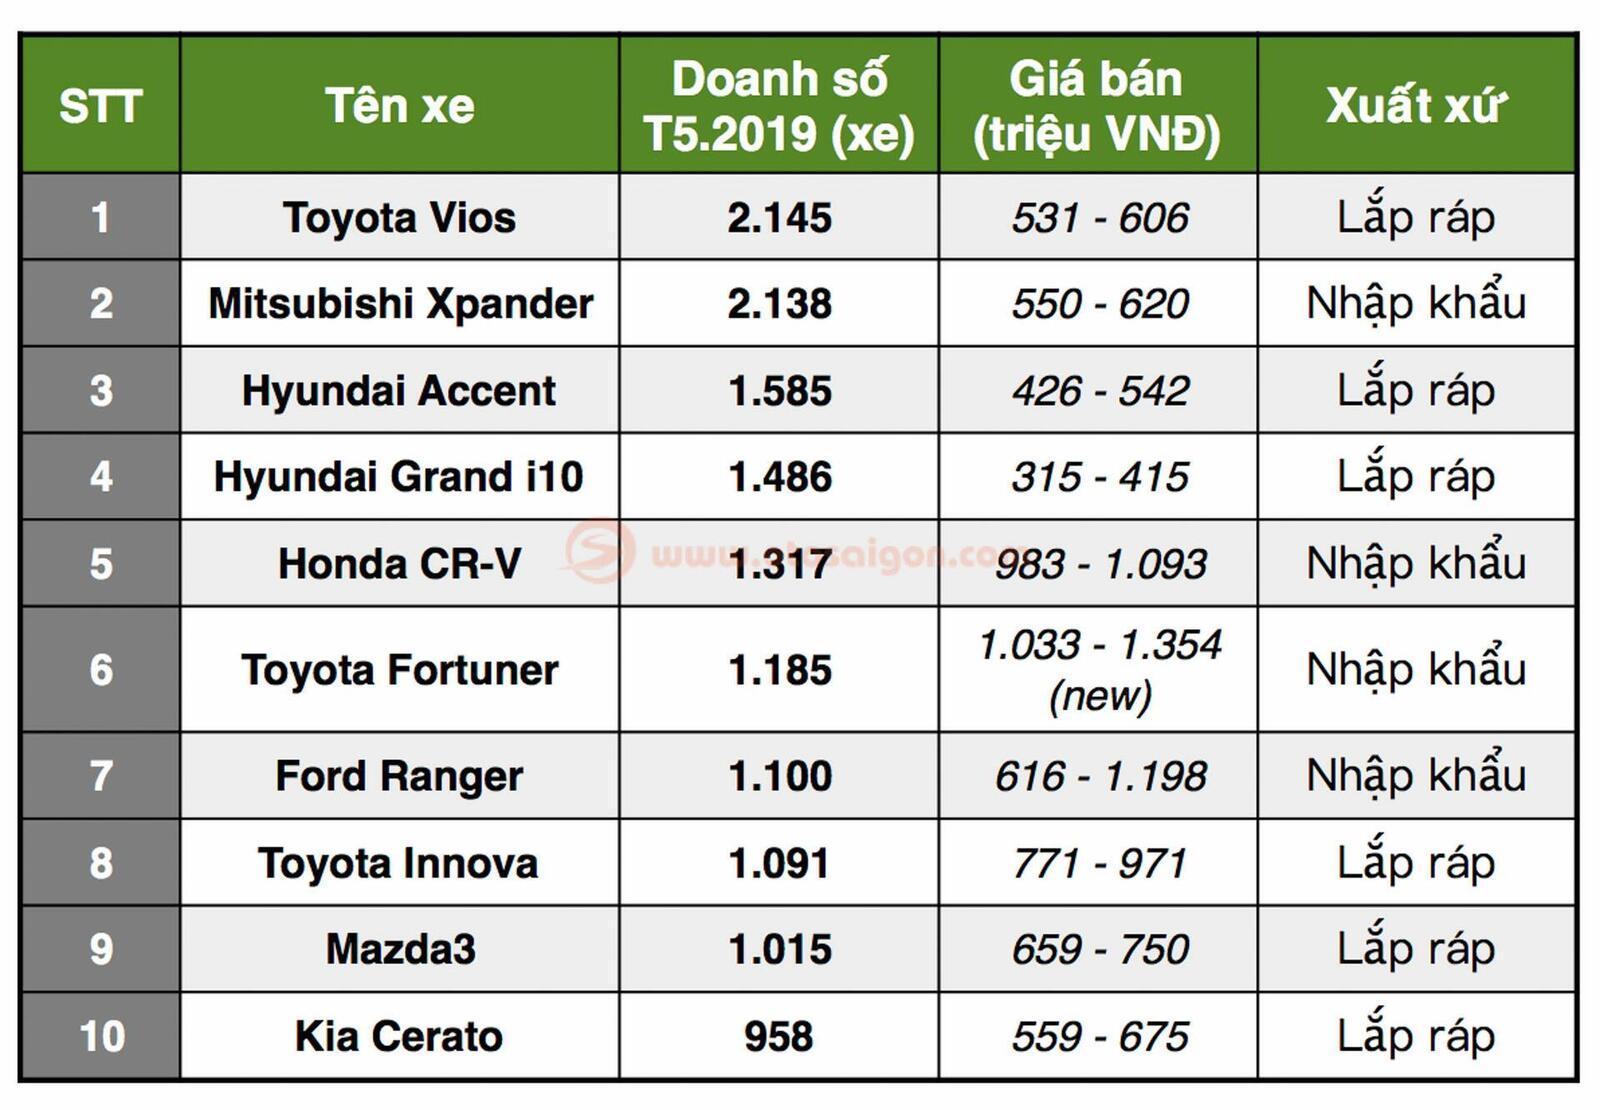 TOP 10 xe bán chạy nhất Việt Nam T5/2019: Vios quay lại dẫn đầu; Xpander đứng vị trí thứ 2 - Hình 2